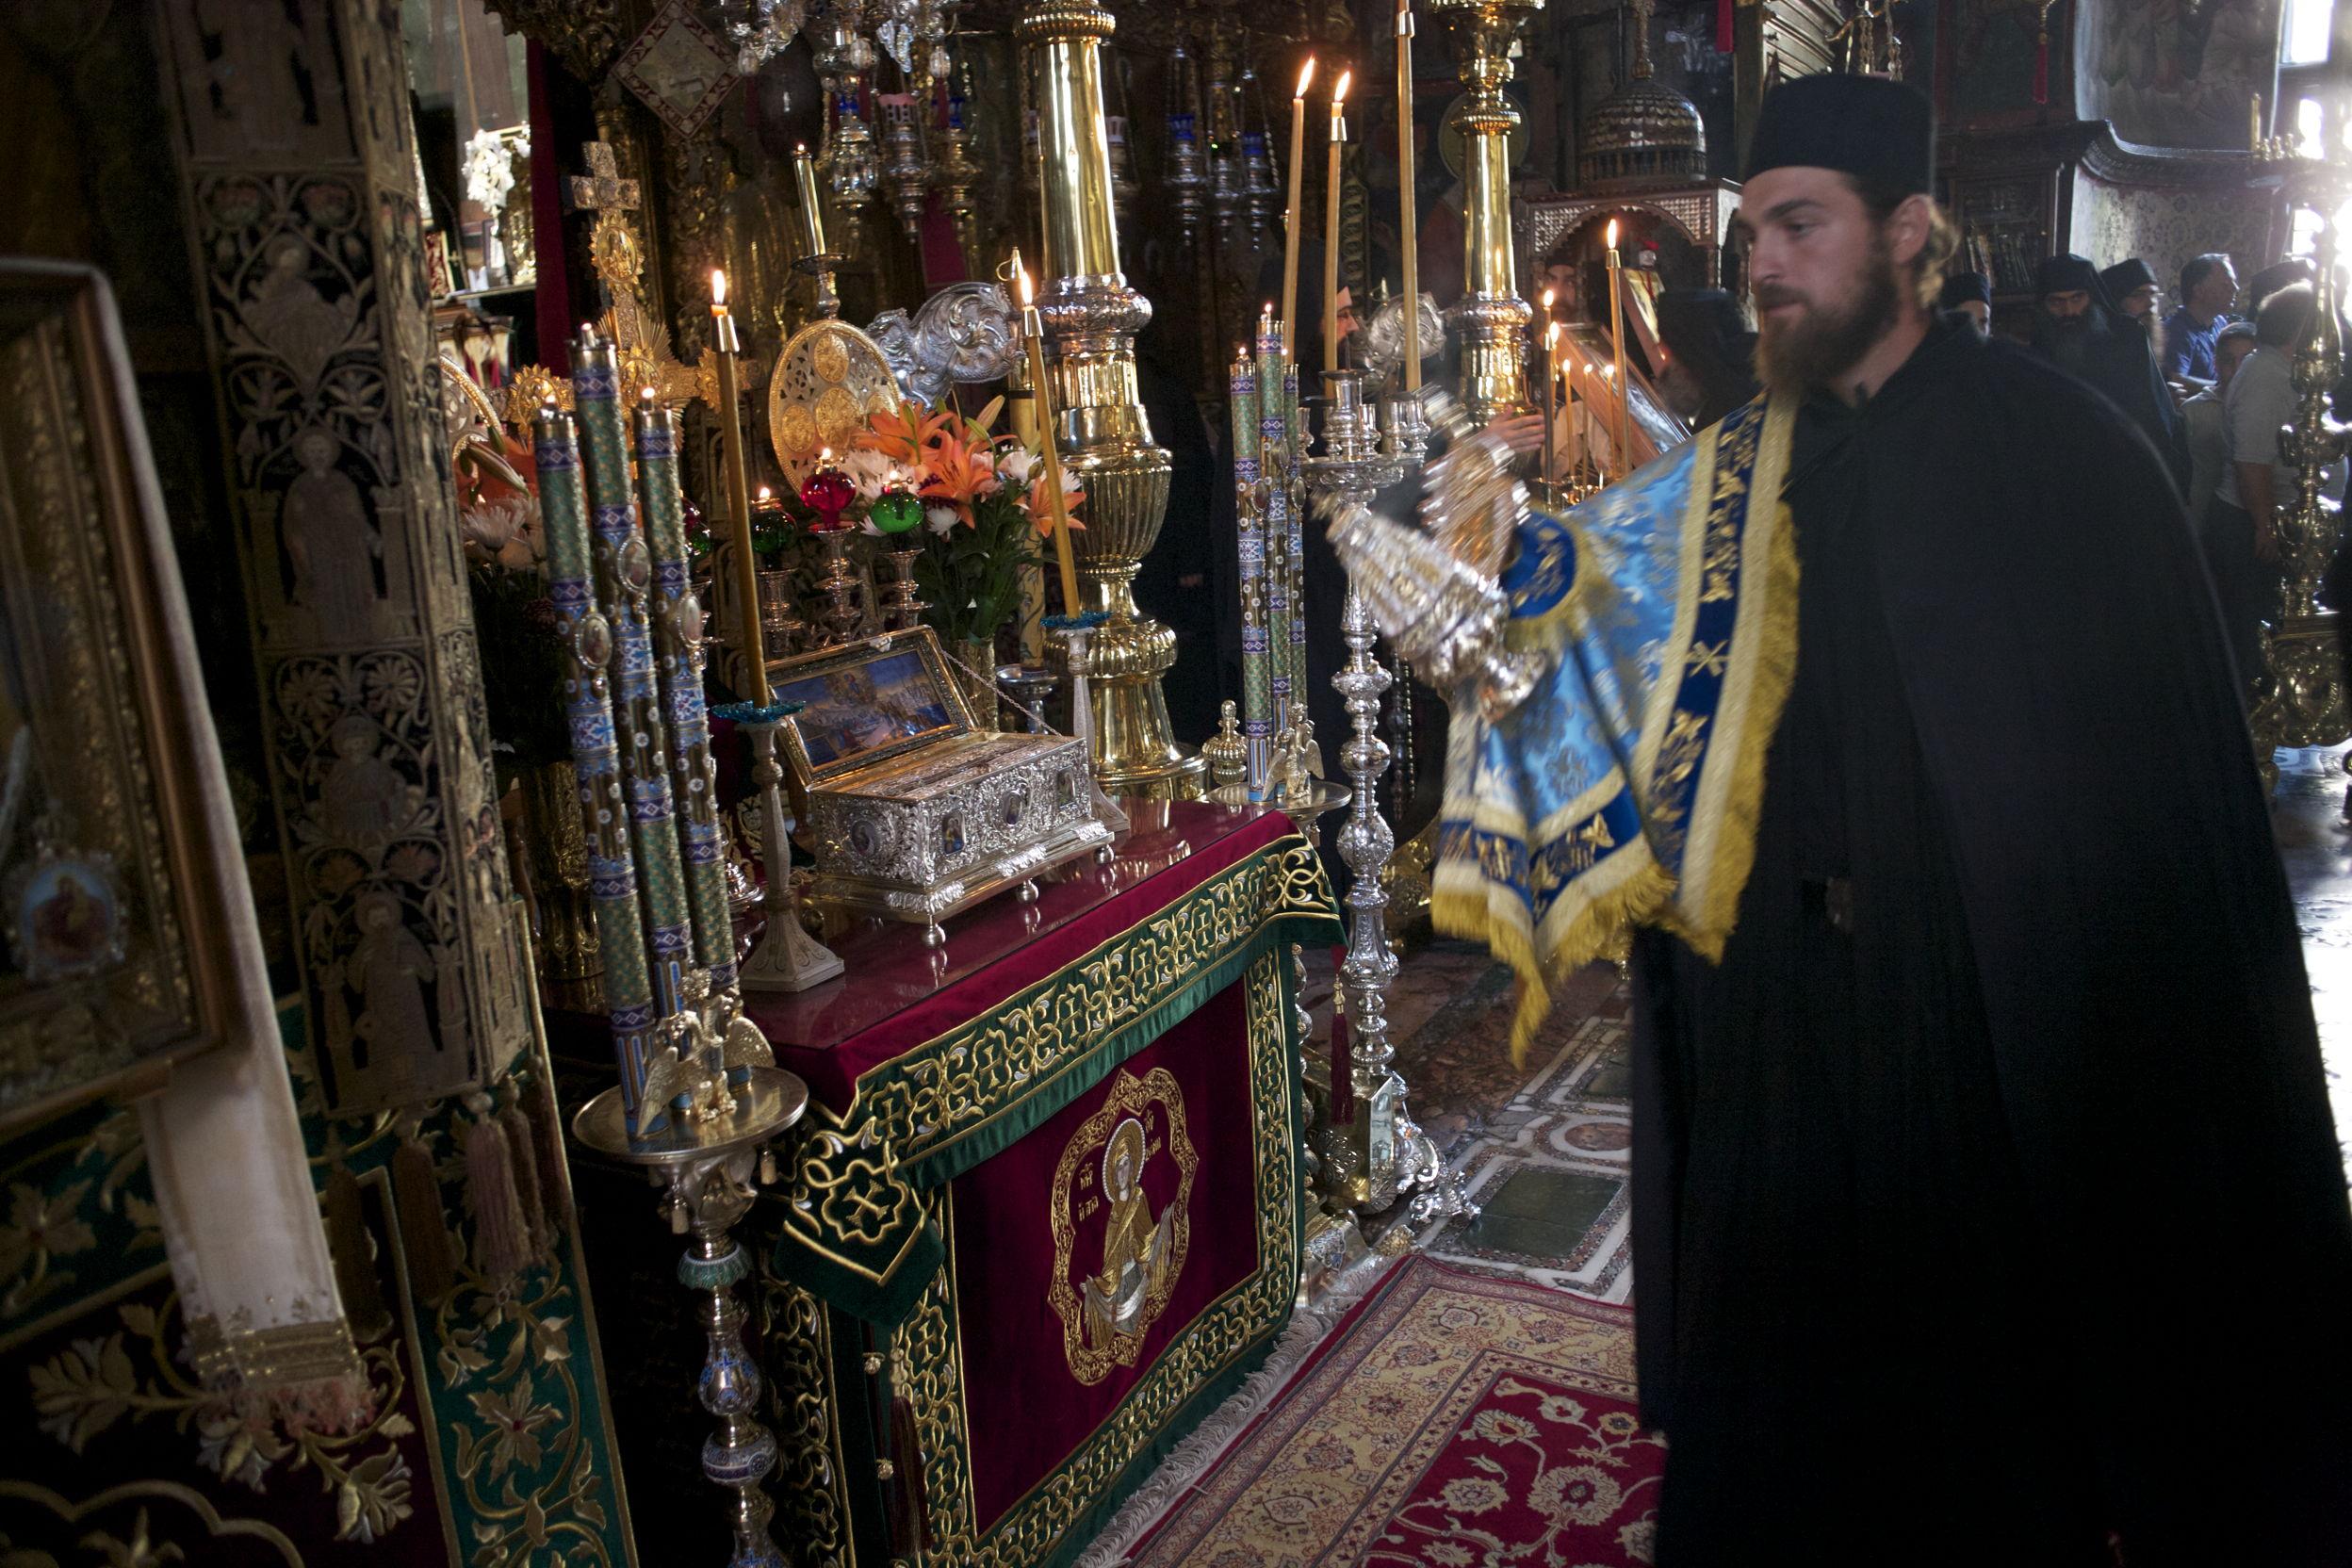 Картинки по запросу Положение честного пояса Пресвятой Богородицы в Константинопольском Влахернском храме было при императоре Аркадии (395-408).